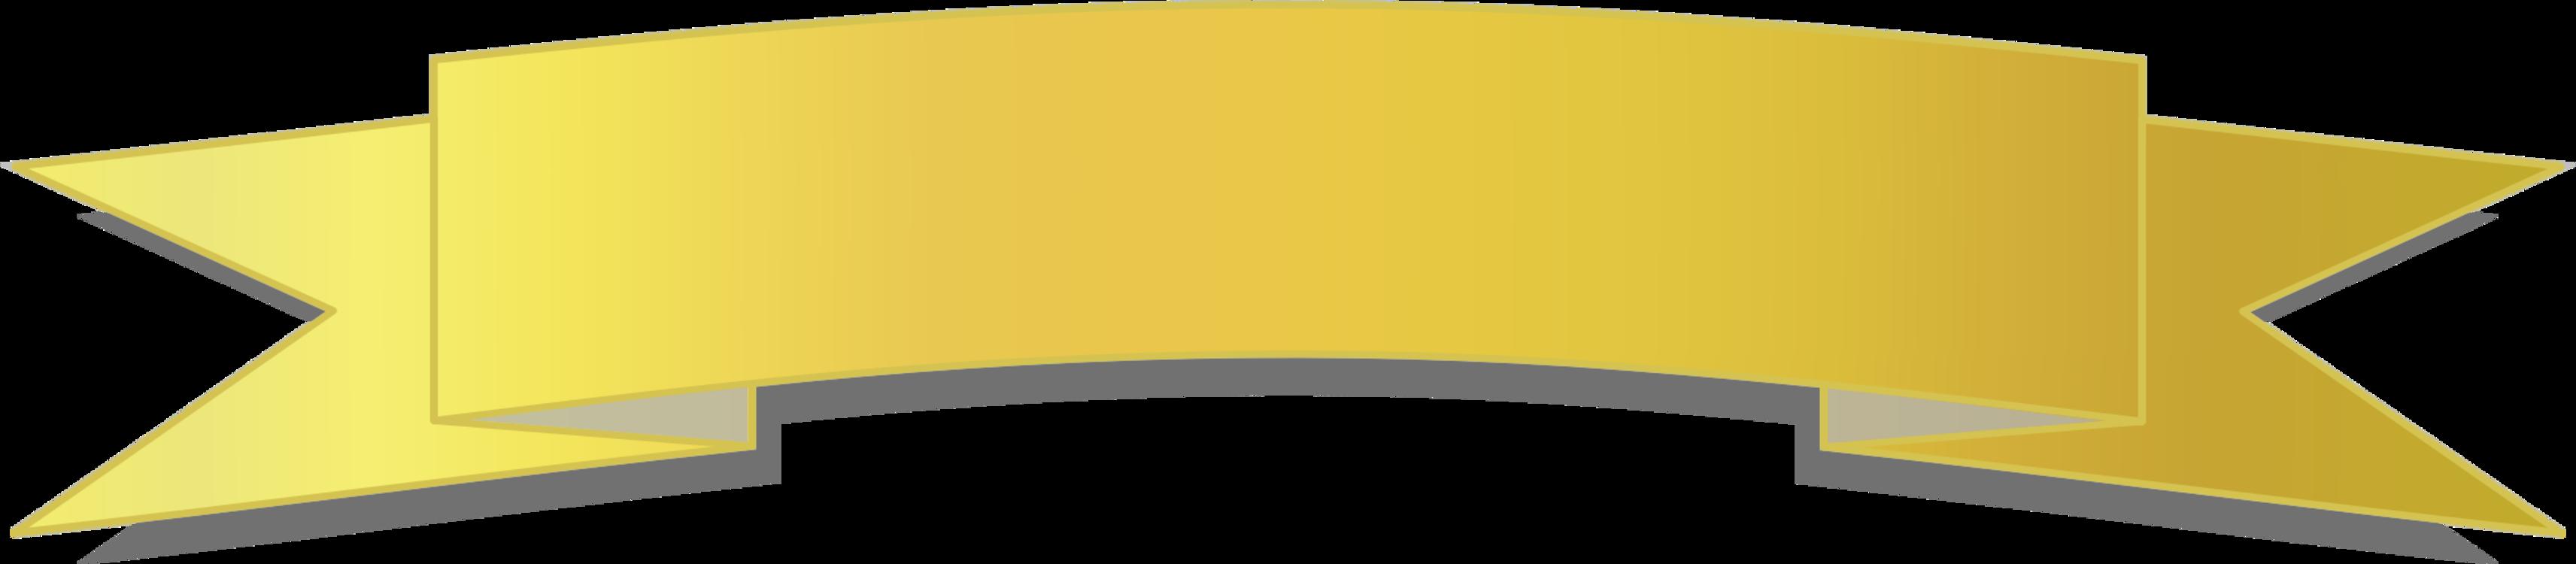 Angle,Yellow,Table